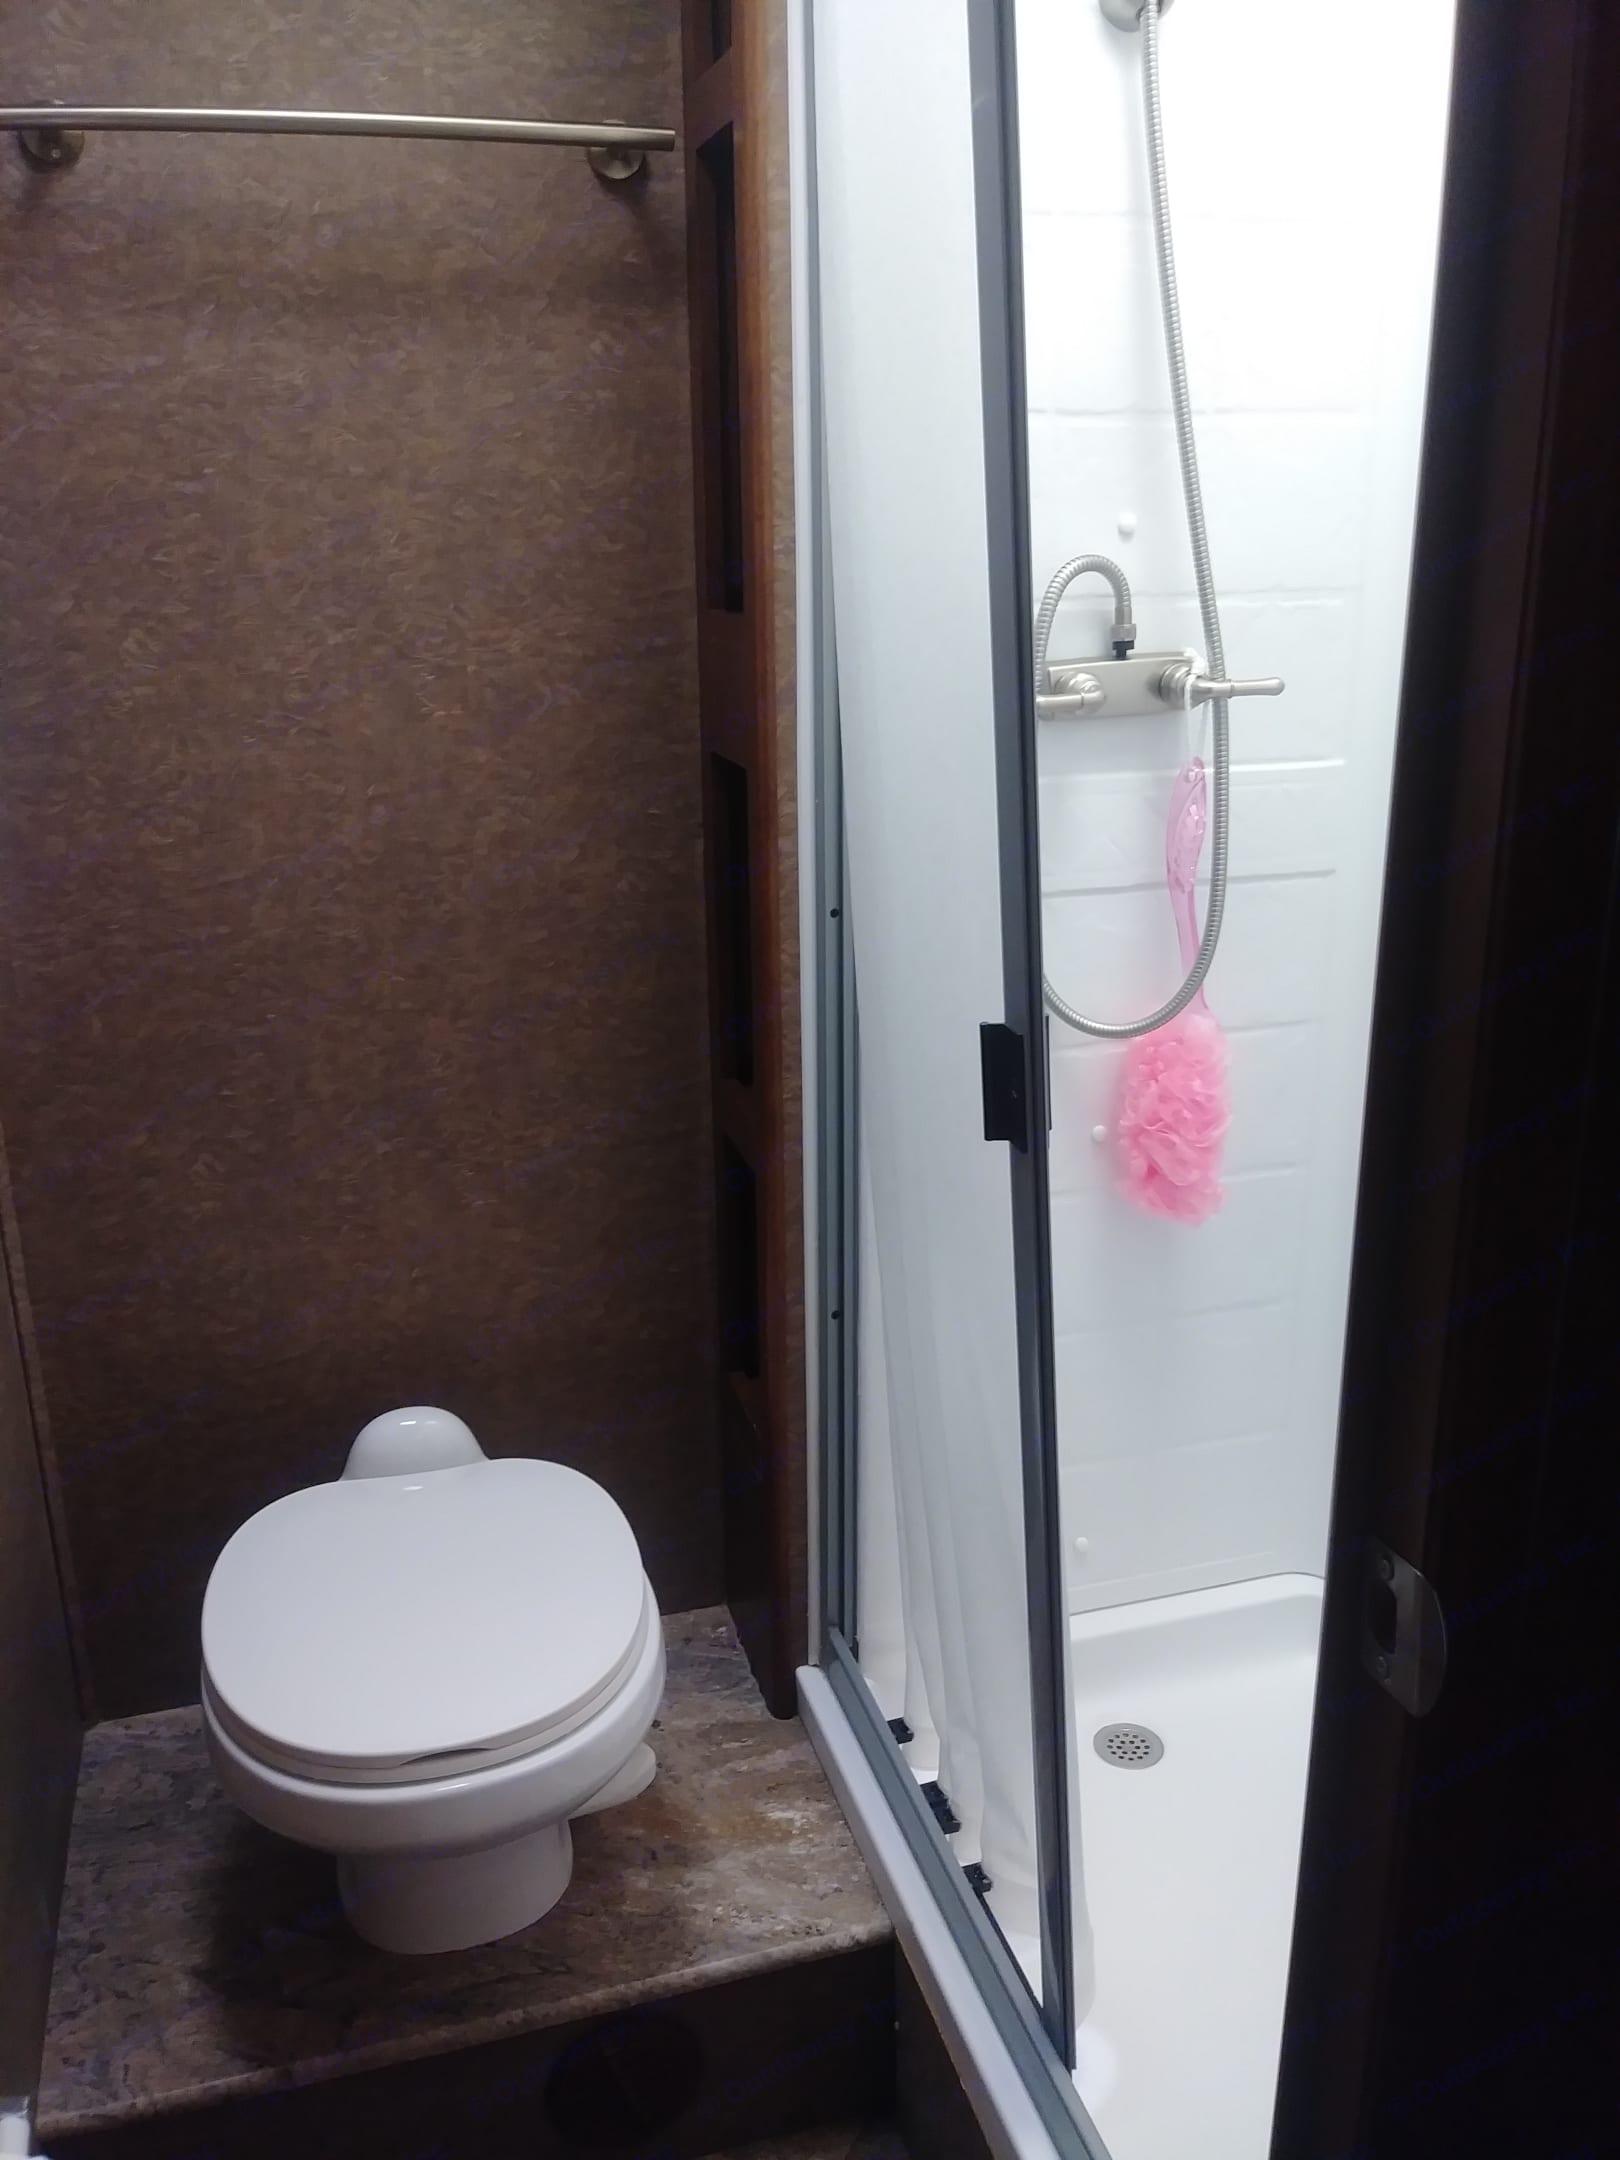 Toilet and nice size shower. Coachmen Pursuit 2014